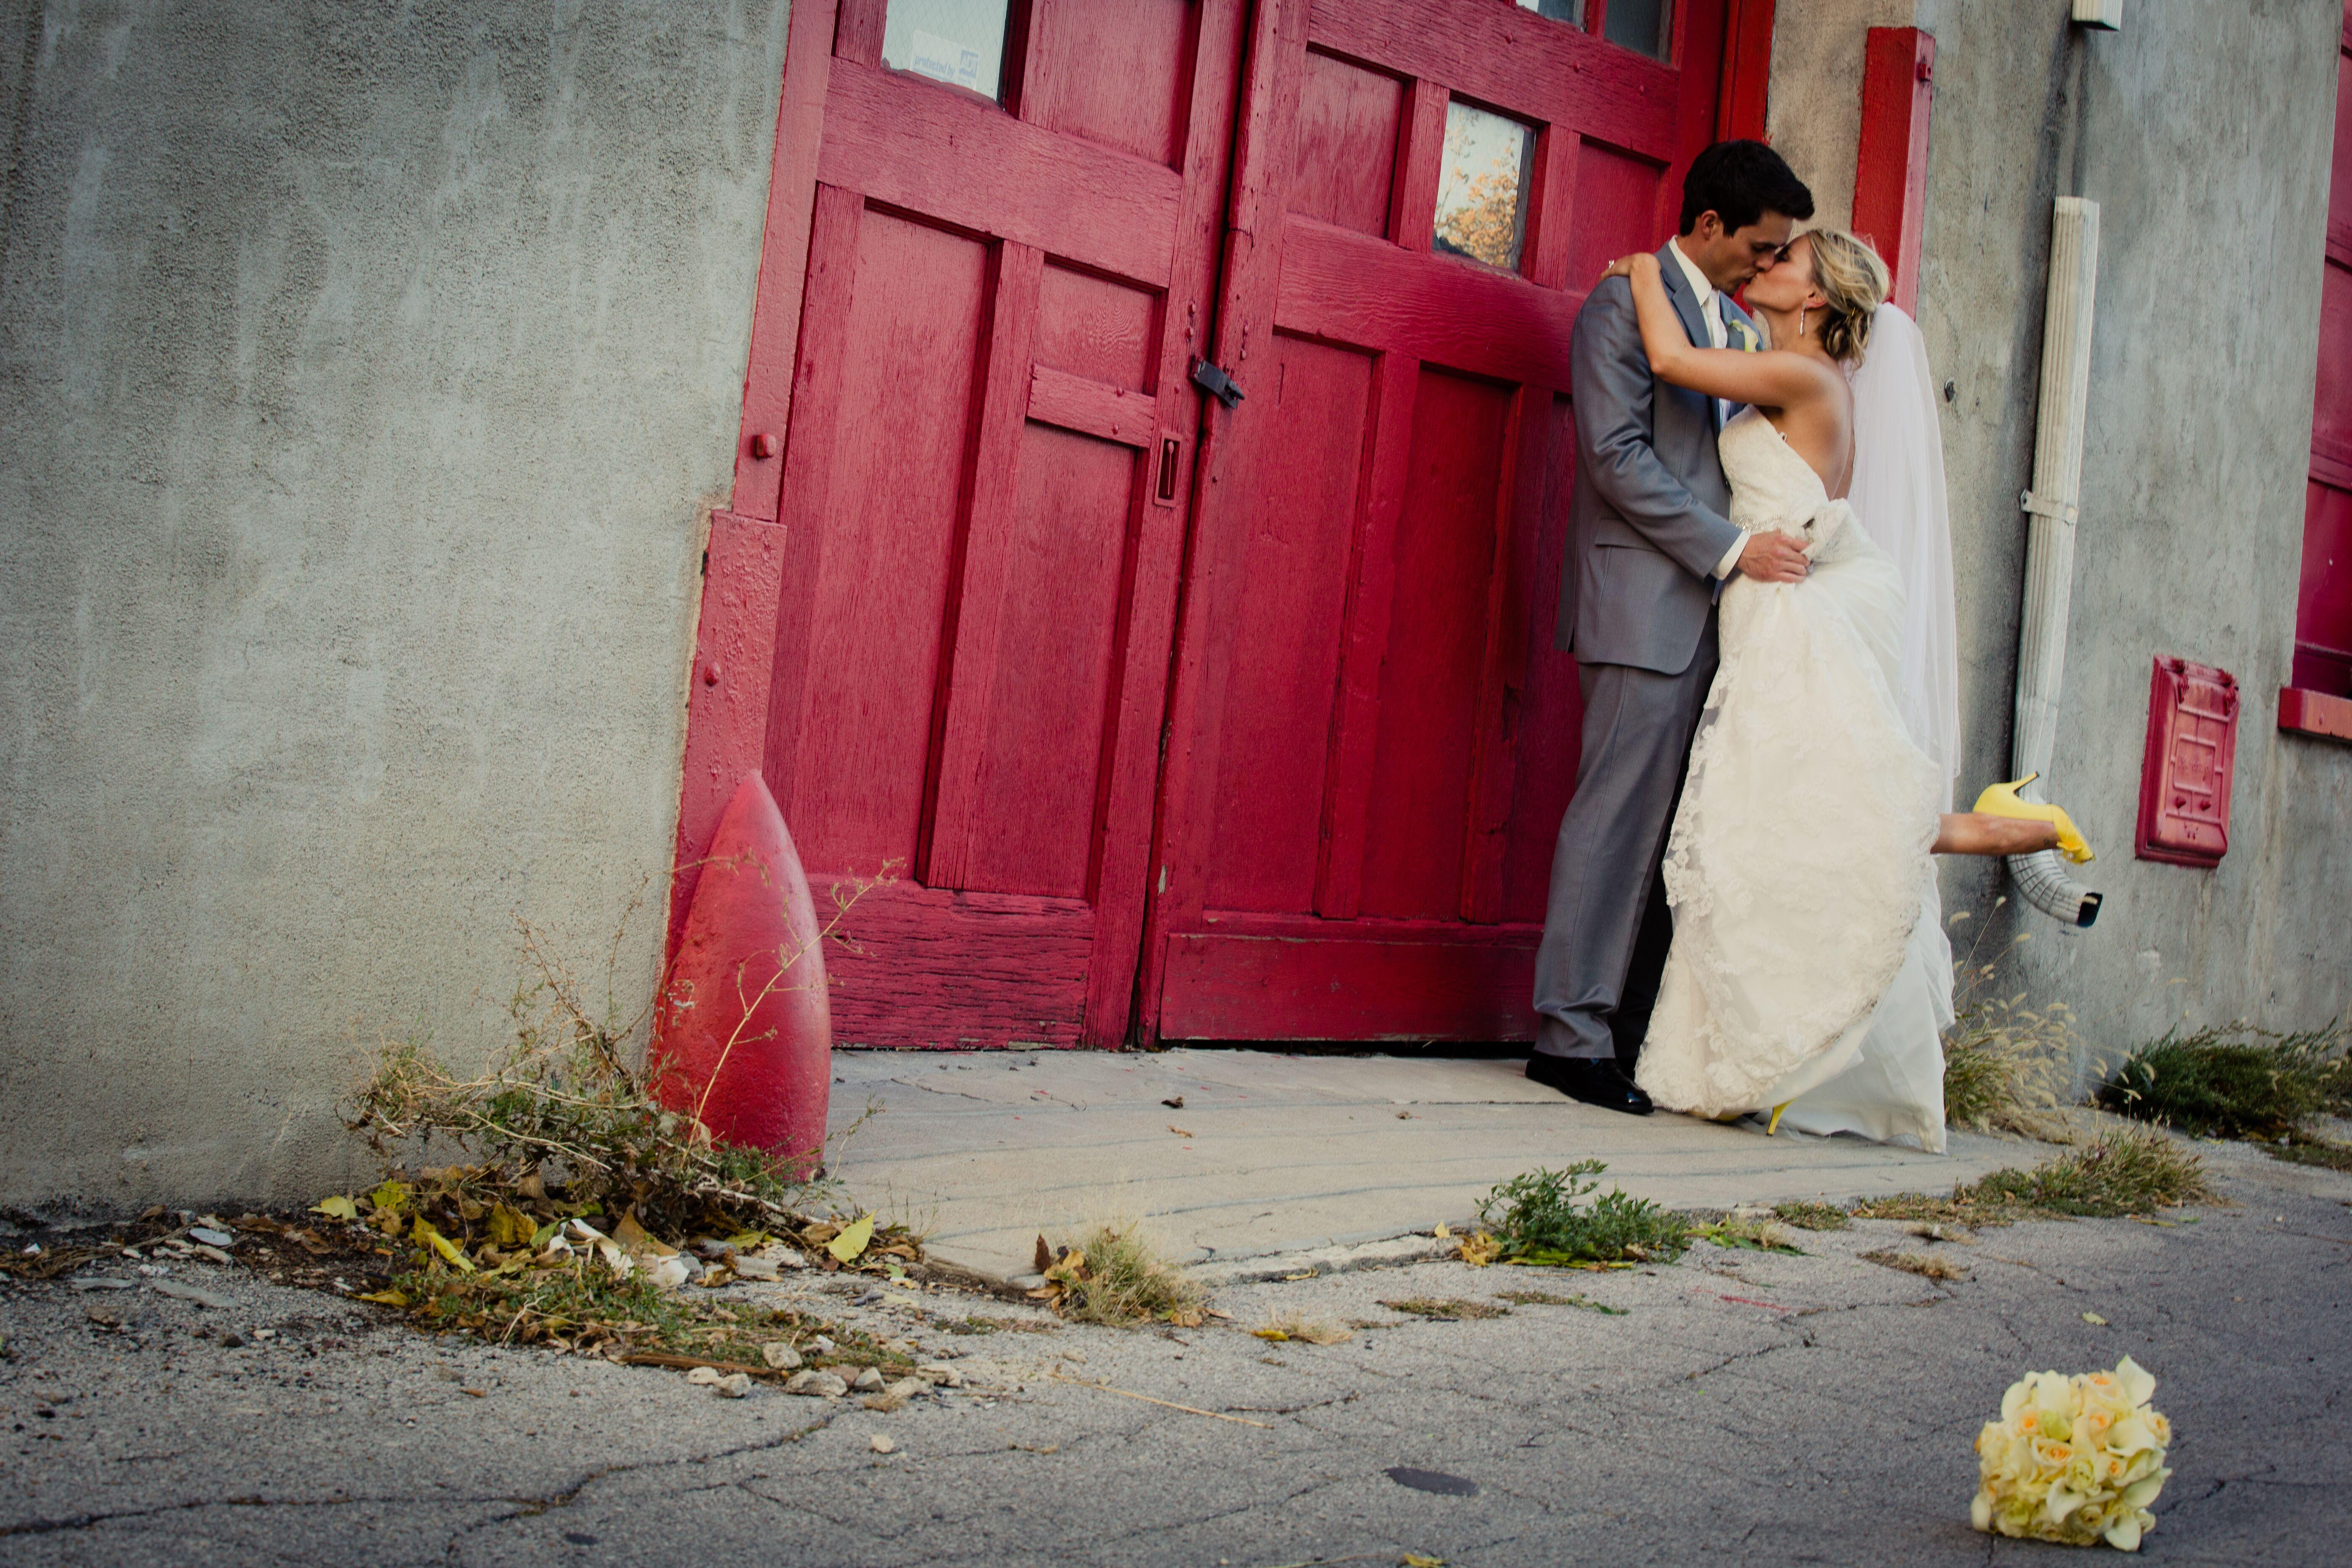 Red Door Photo - Des Moines, IA